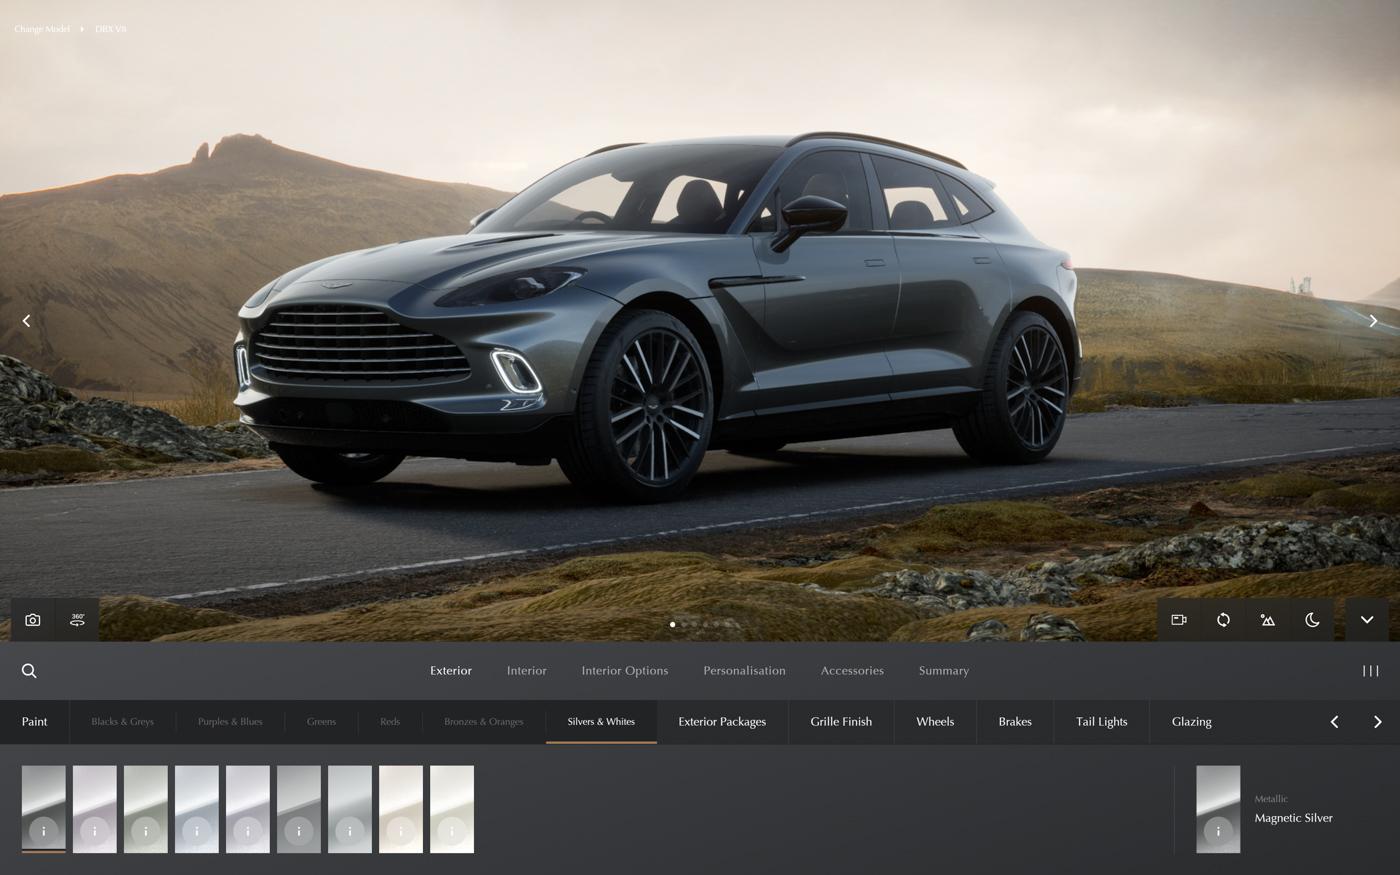 Aston-Martin-công-bố-nâng-cấp-cho-đời-xe-2022-1.jpg